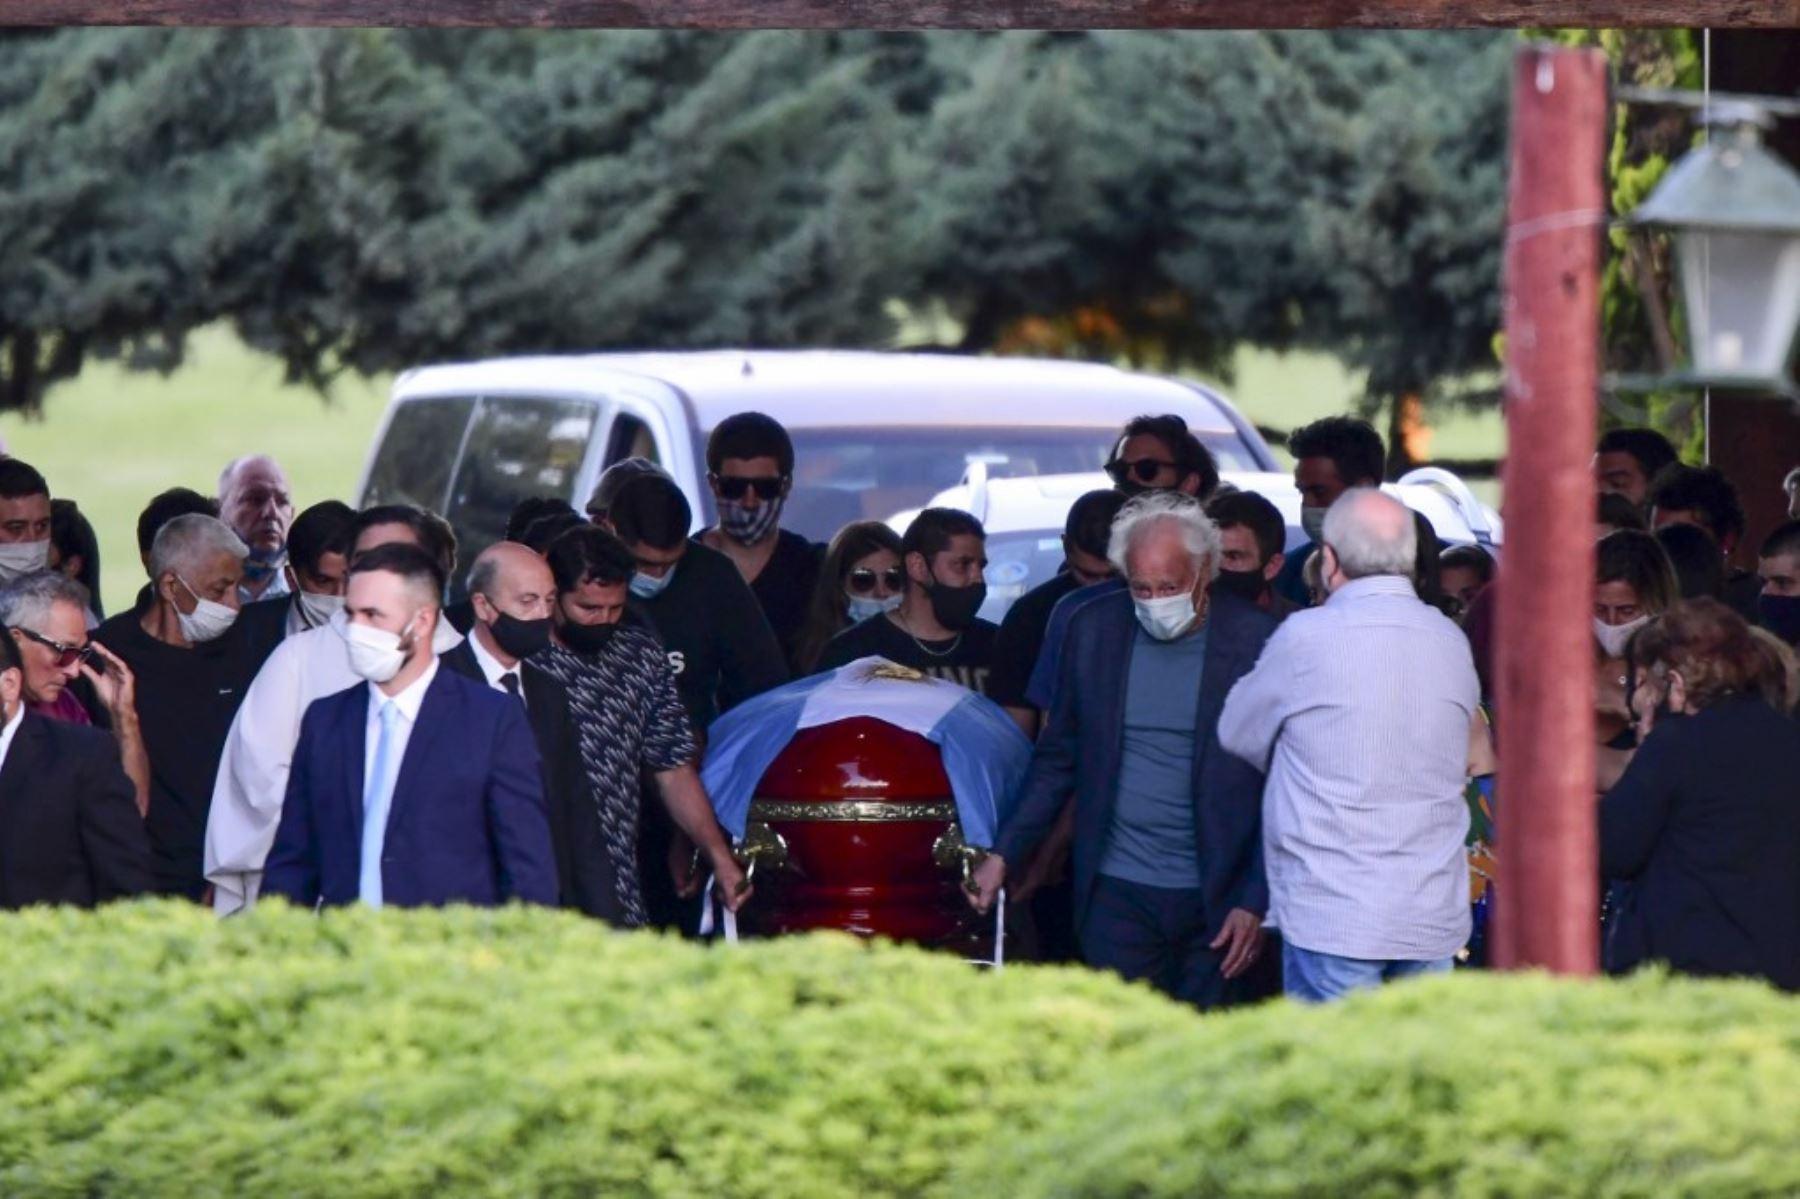 Familiares y amigos acompañan el ataúd del fallecido leyenda del fútbol argentino Diego Armando Maradona durante su funeral en el cementerio Jardín Bella Vista, en la provincia de Buenos Aires. Foto: AFP